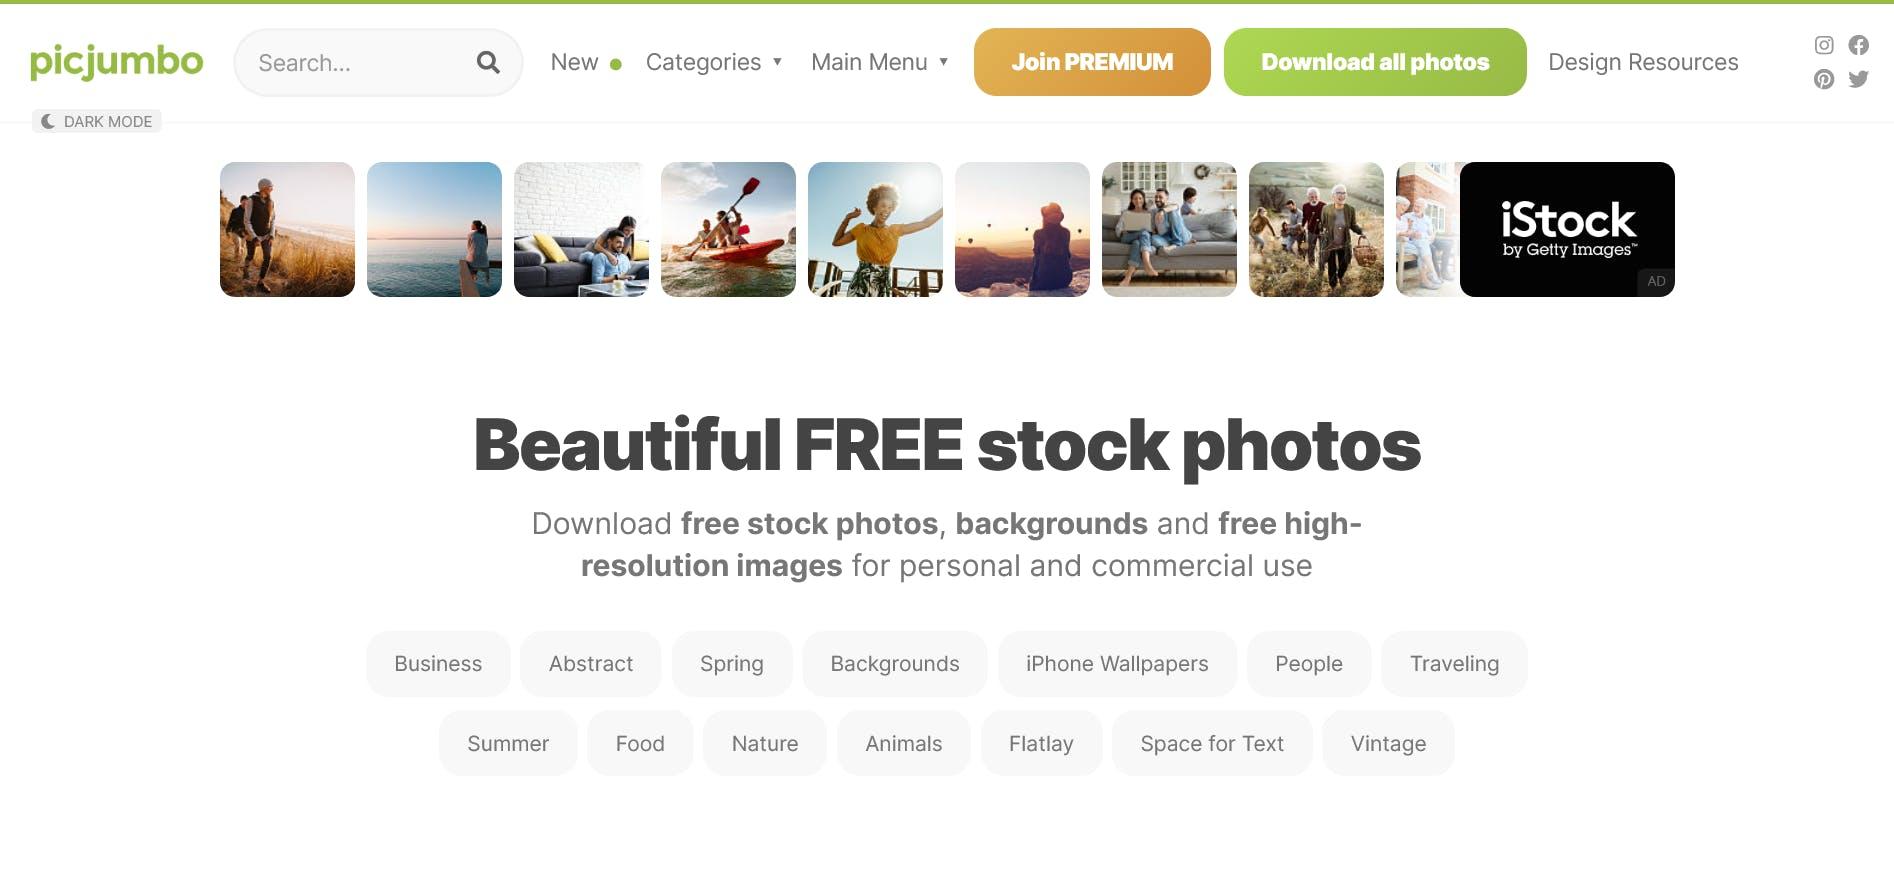 Screenshot 2021-04-29 at 21-05-00 picjumbo Free Stock Photos.png